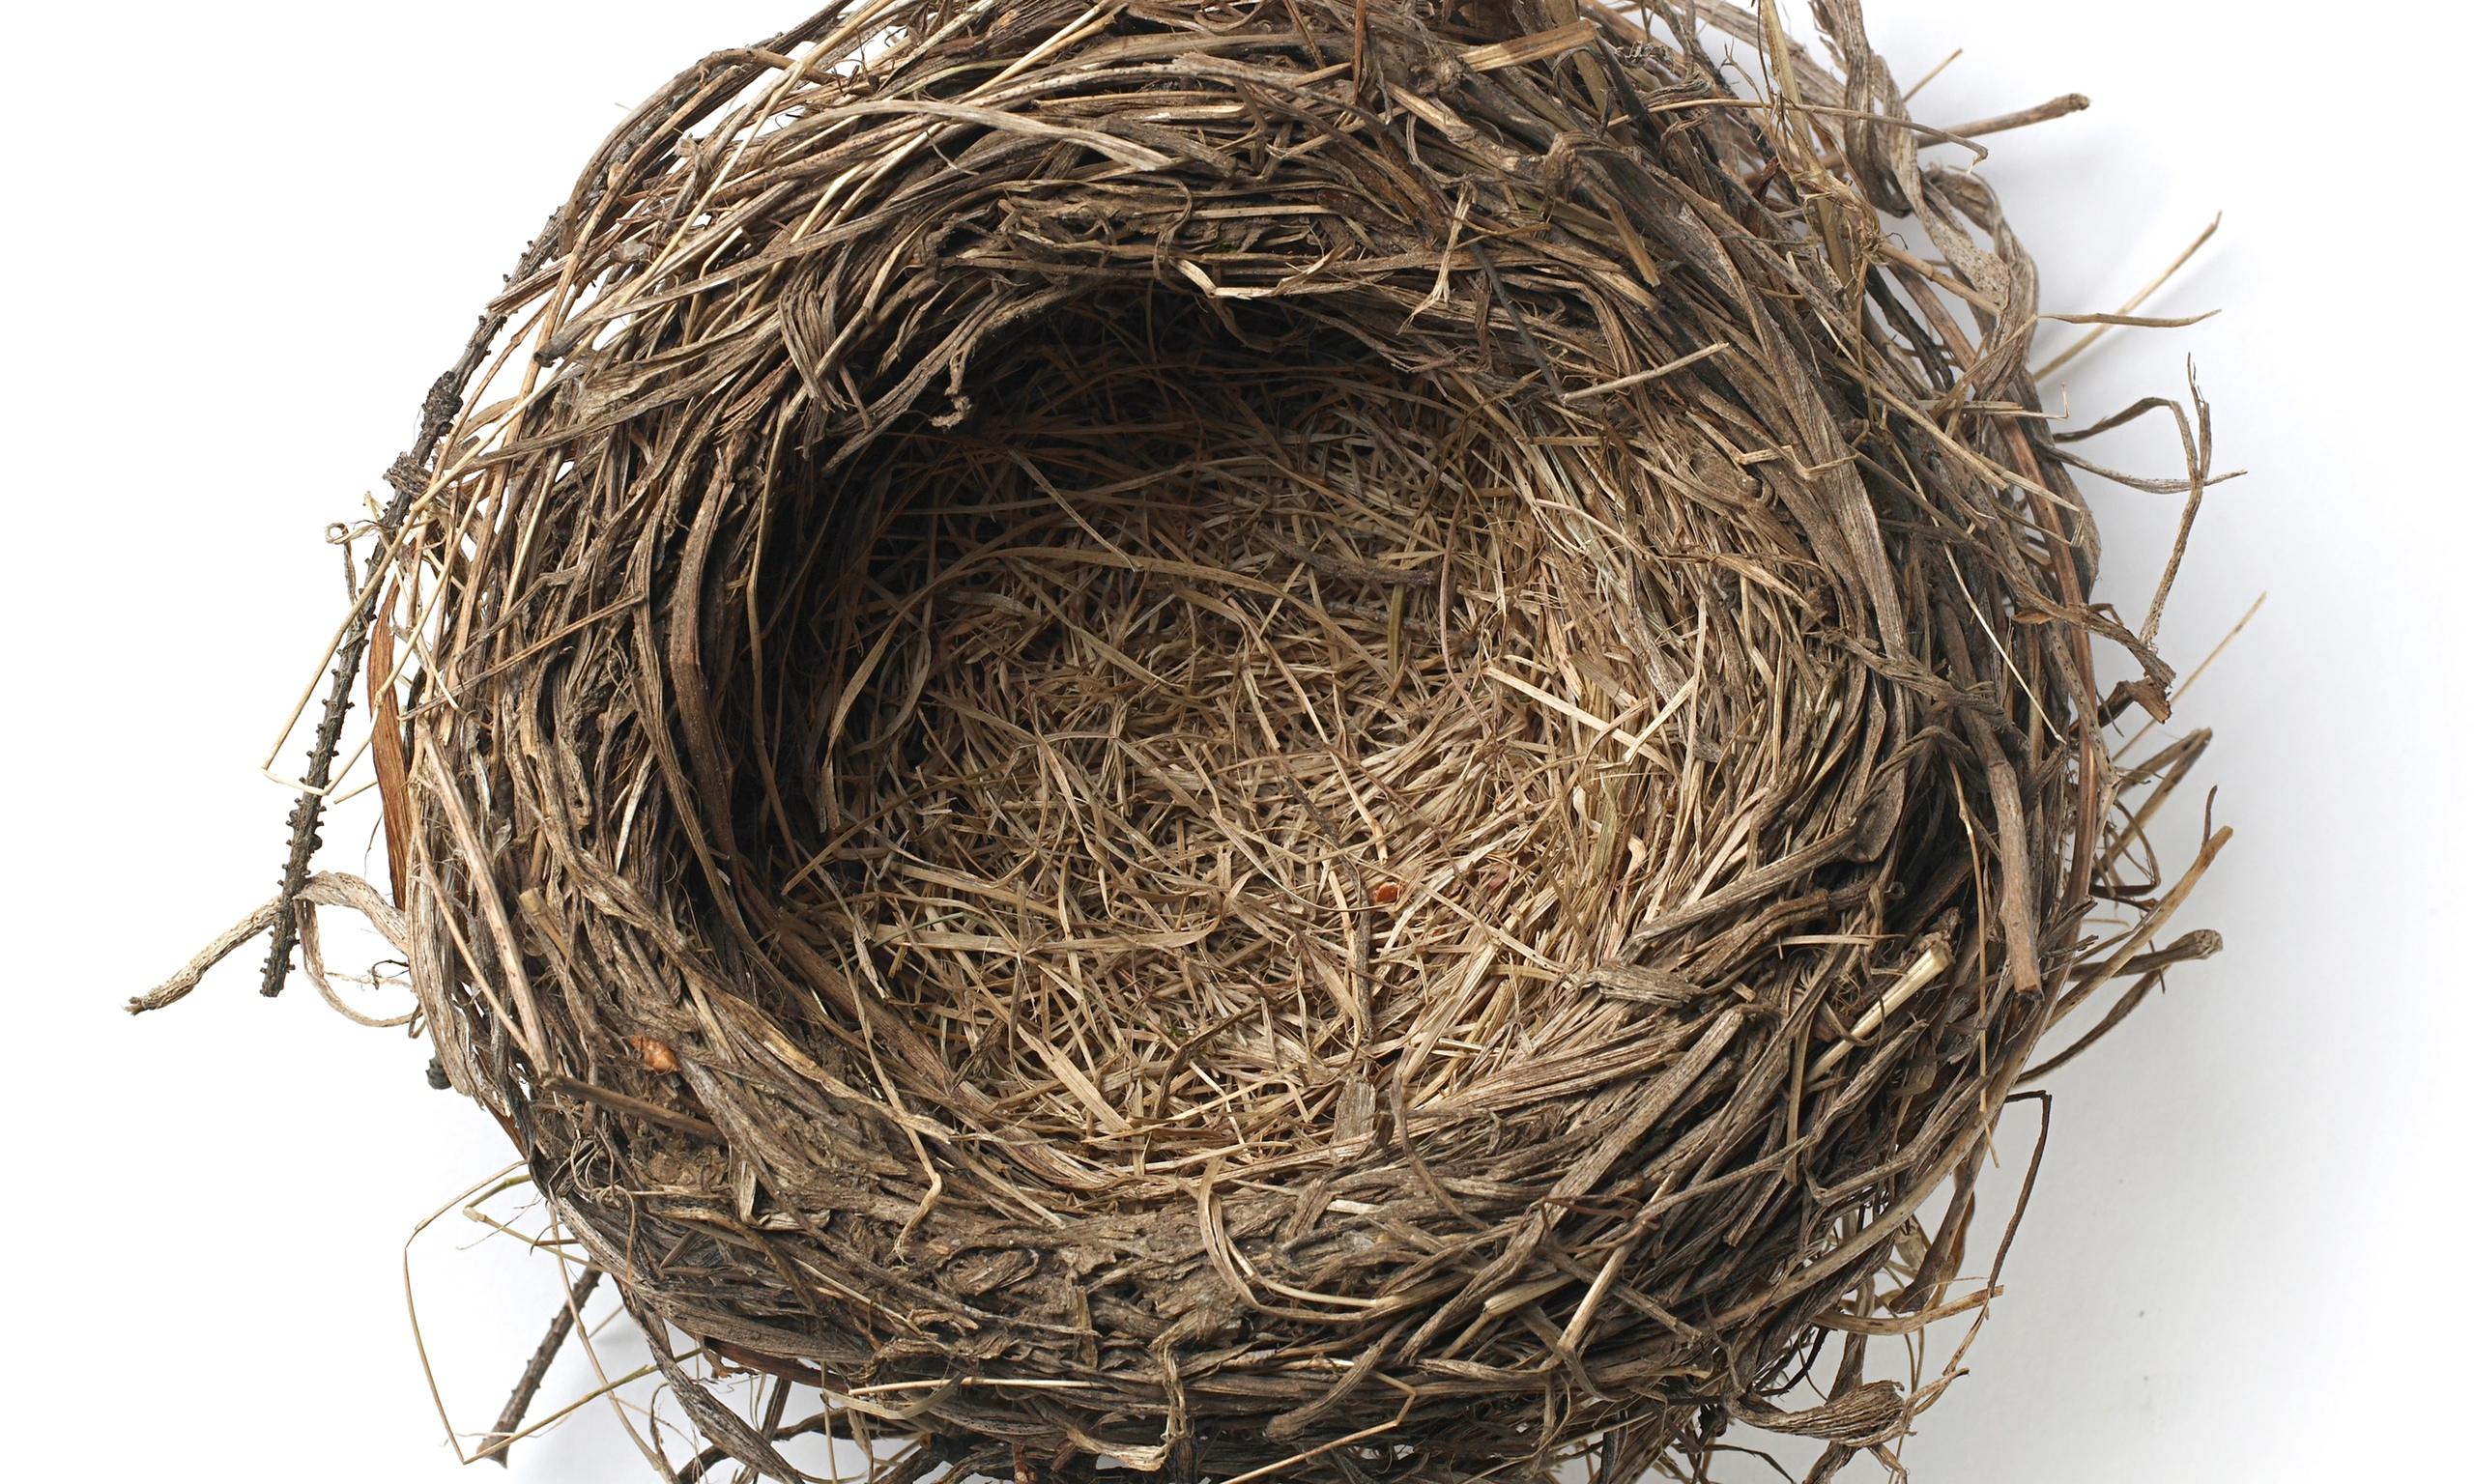 2560x1536px Nest 1542.69 KB #294483